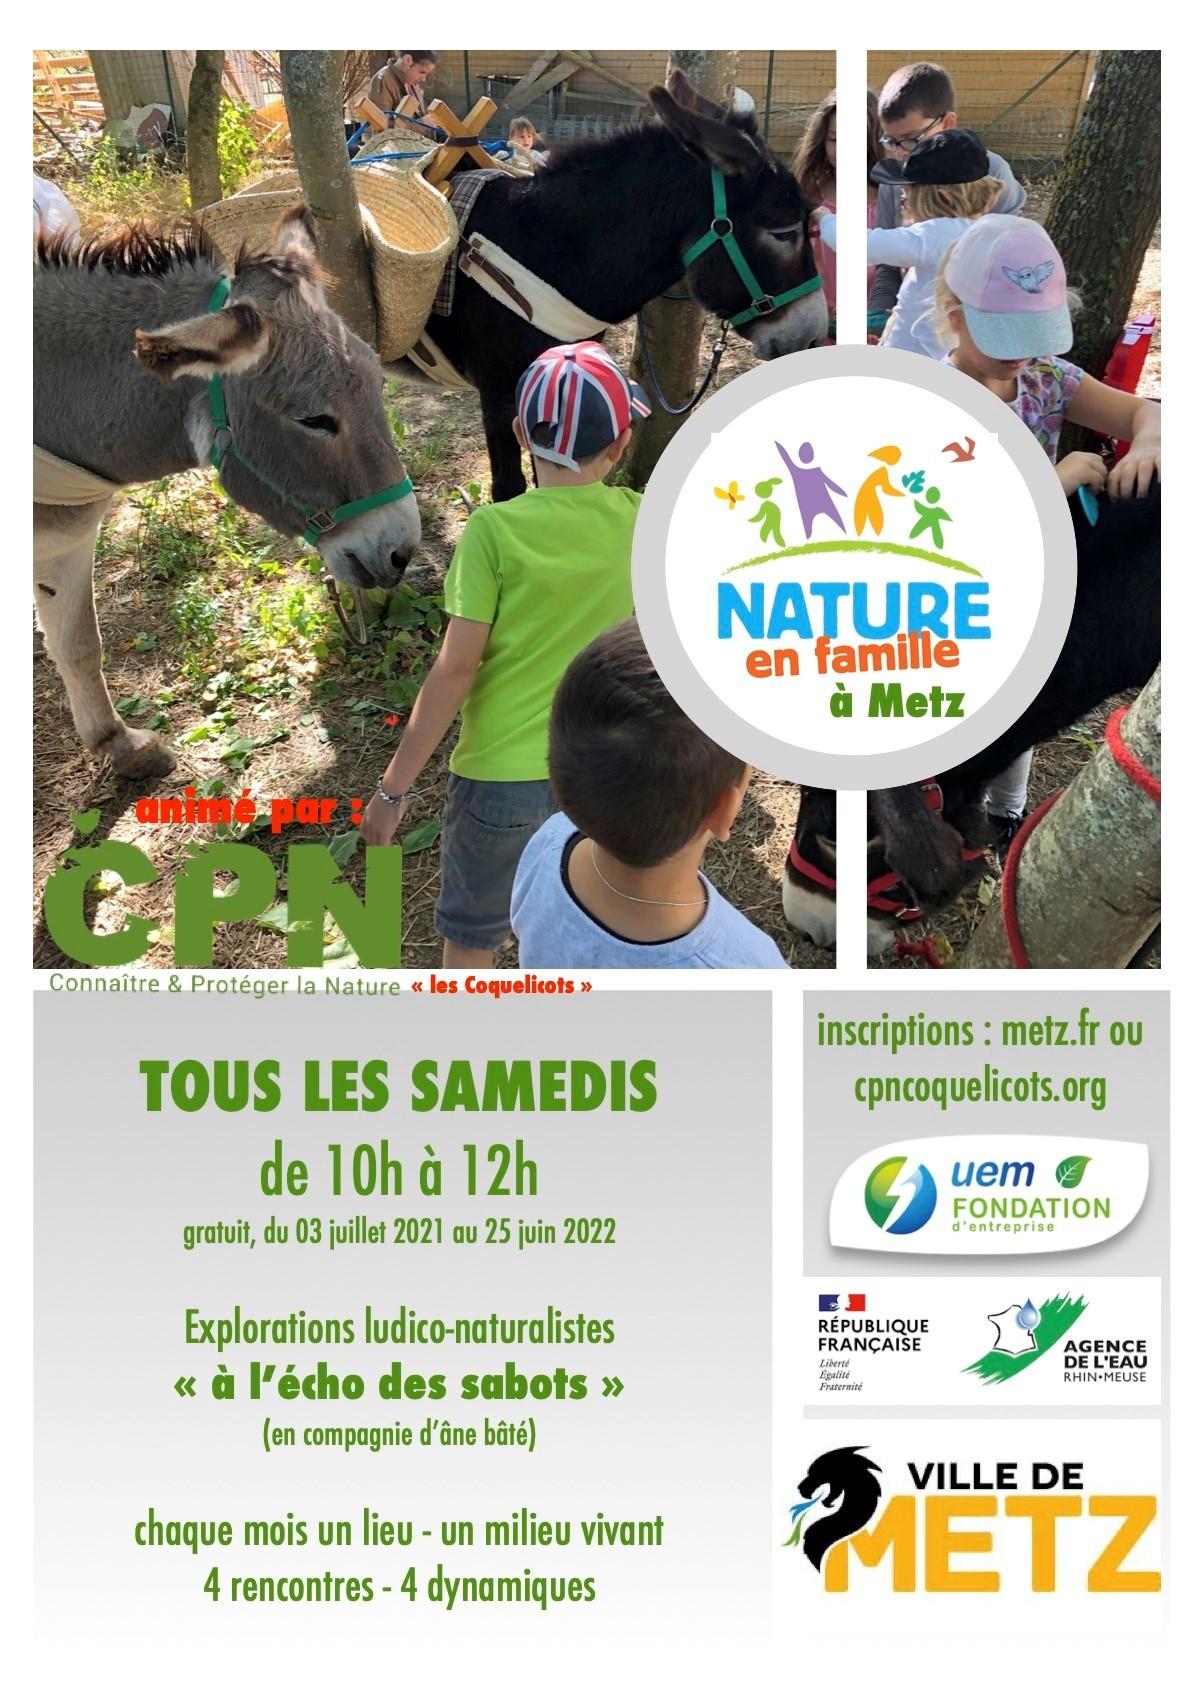 Les 5° Rencontres naturalistes Midi-Pyrénées à Auch